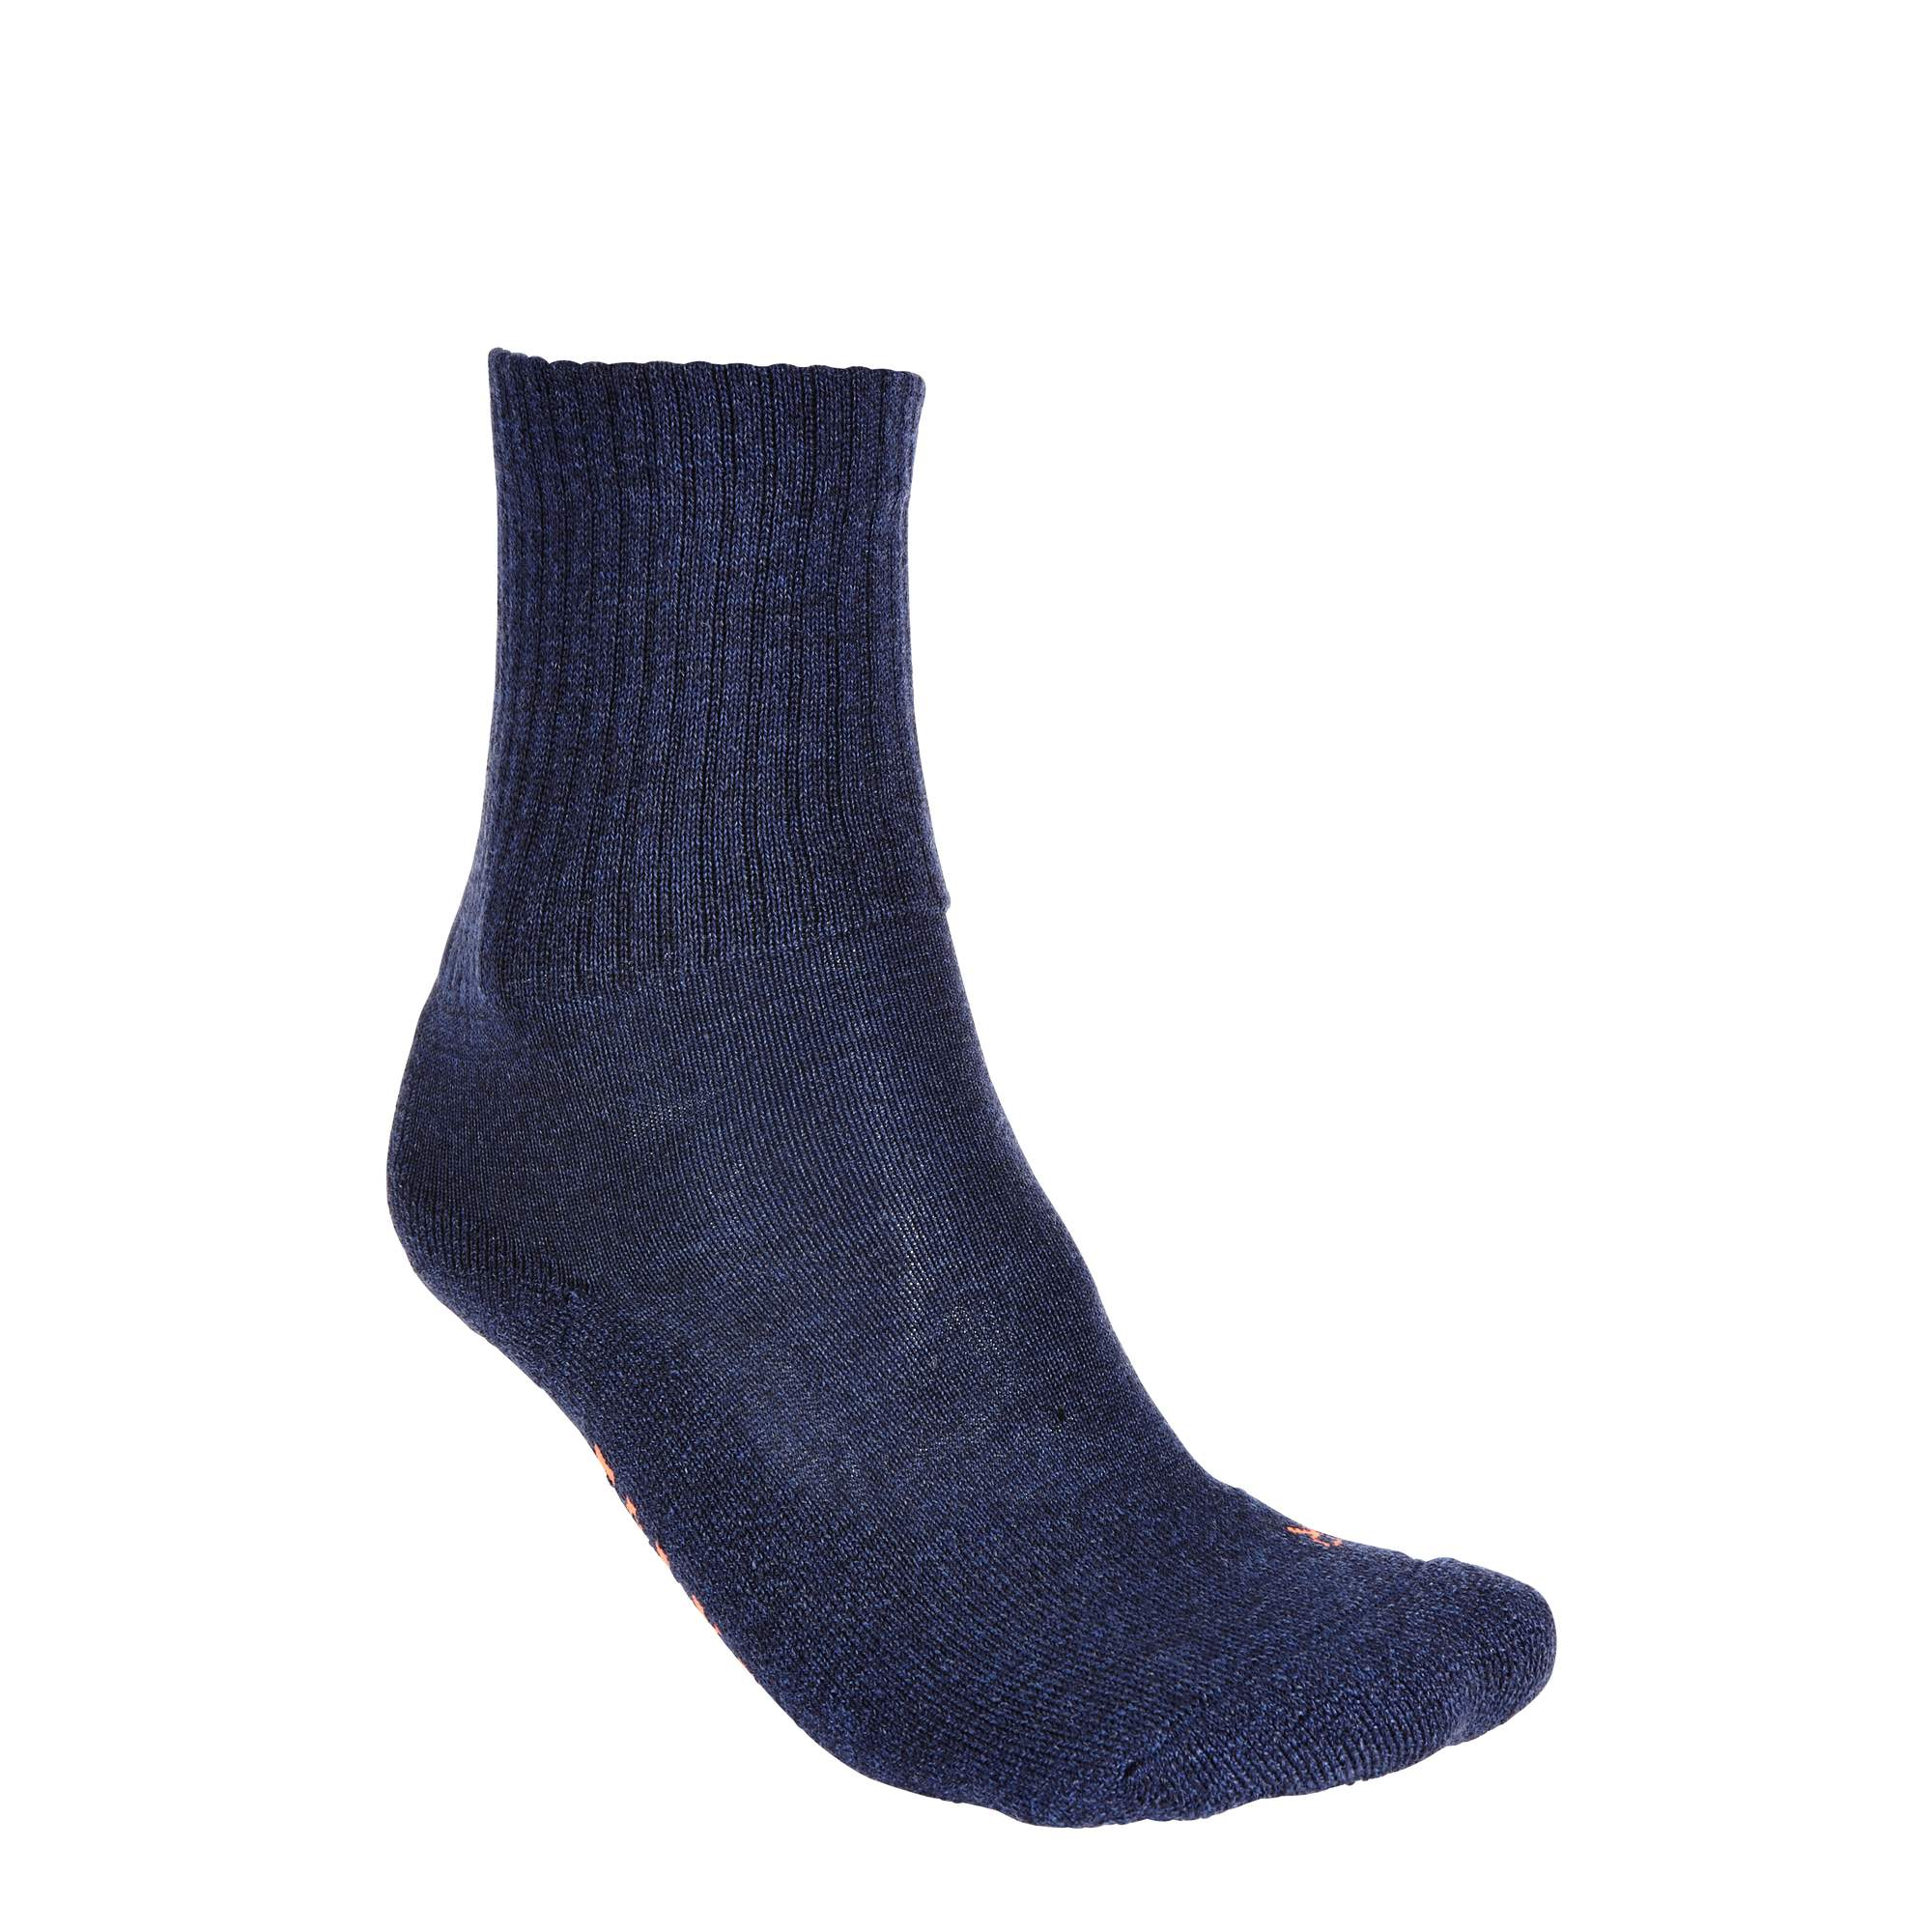 Falke Walkie light Unisex Gr. 46/48 - grau|blau / jeansblau - Lange Socken 16486/6670